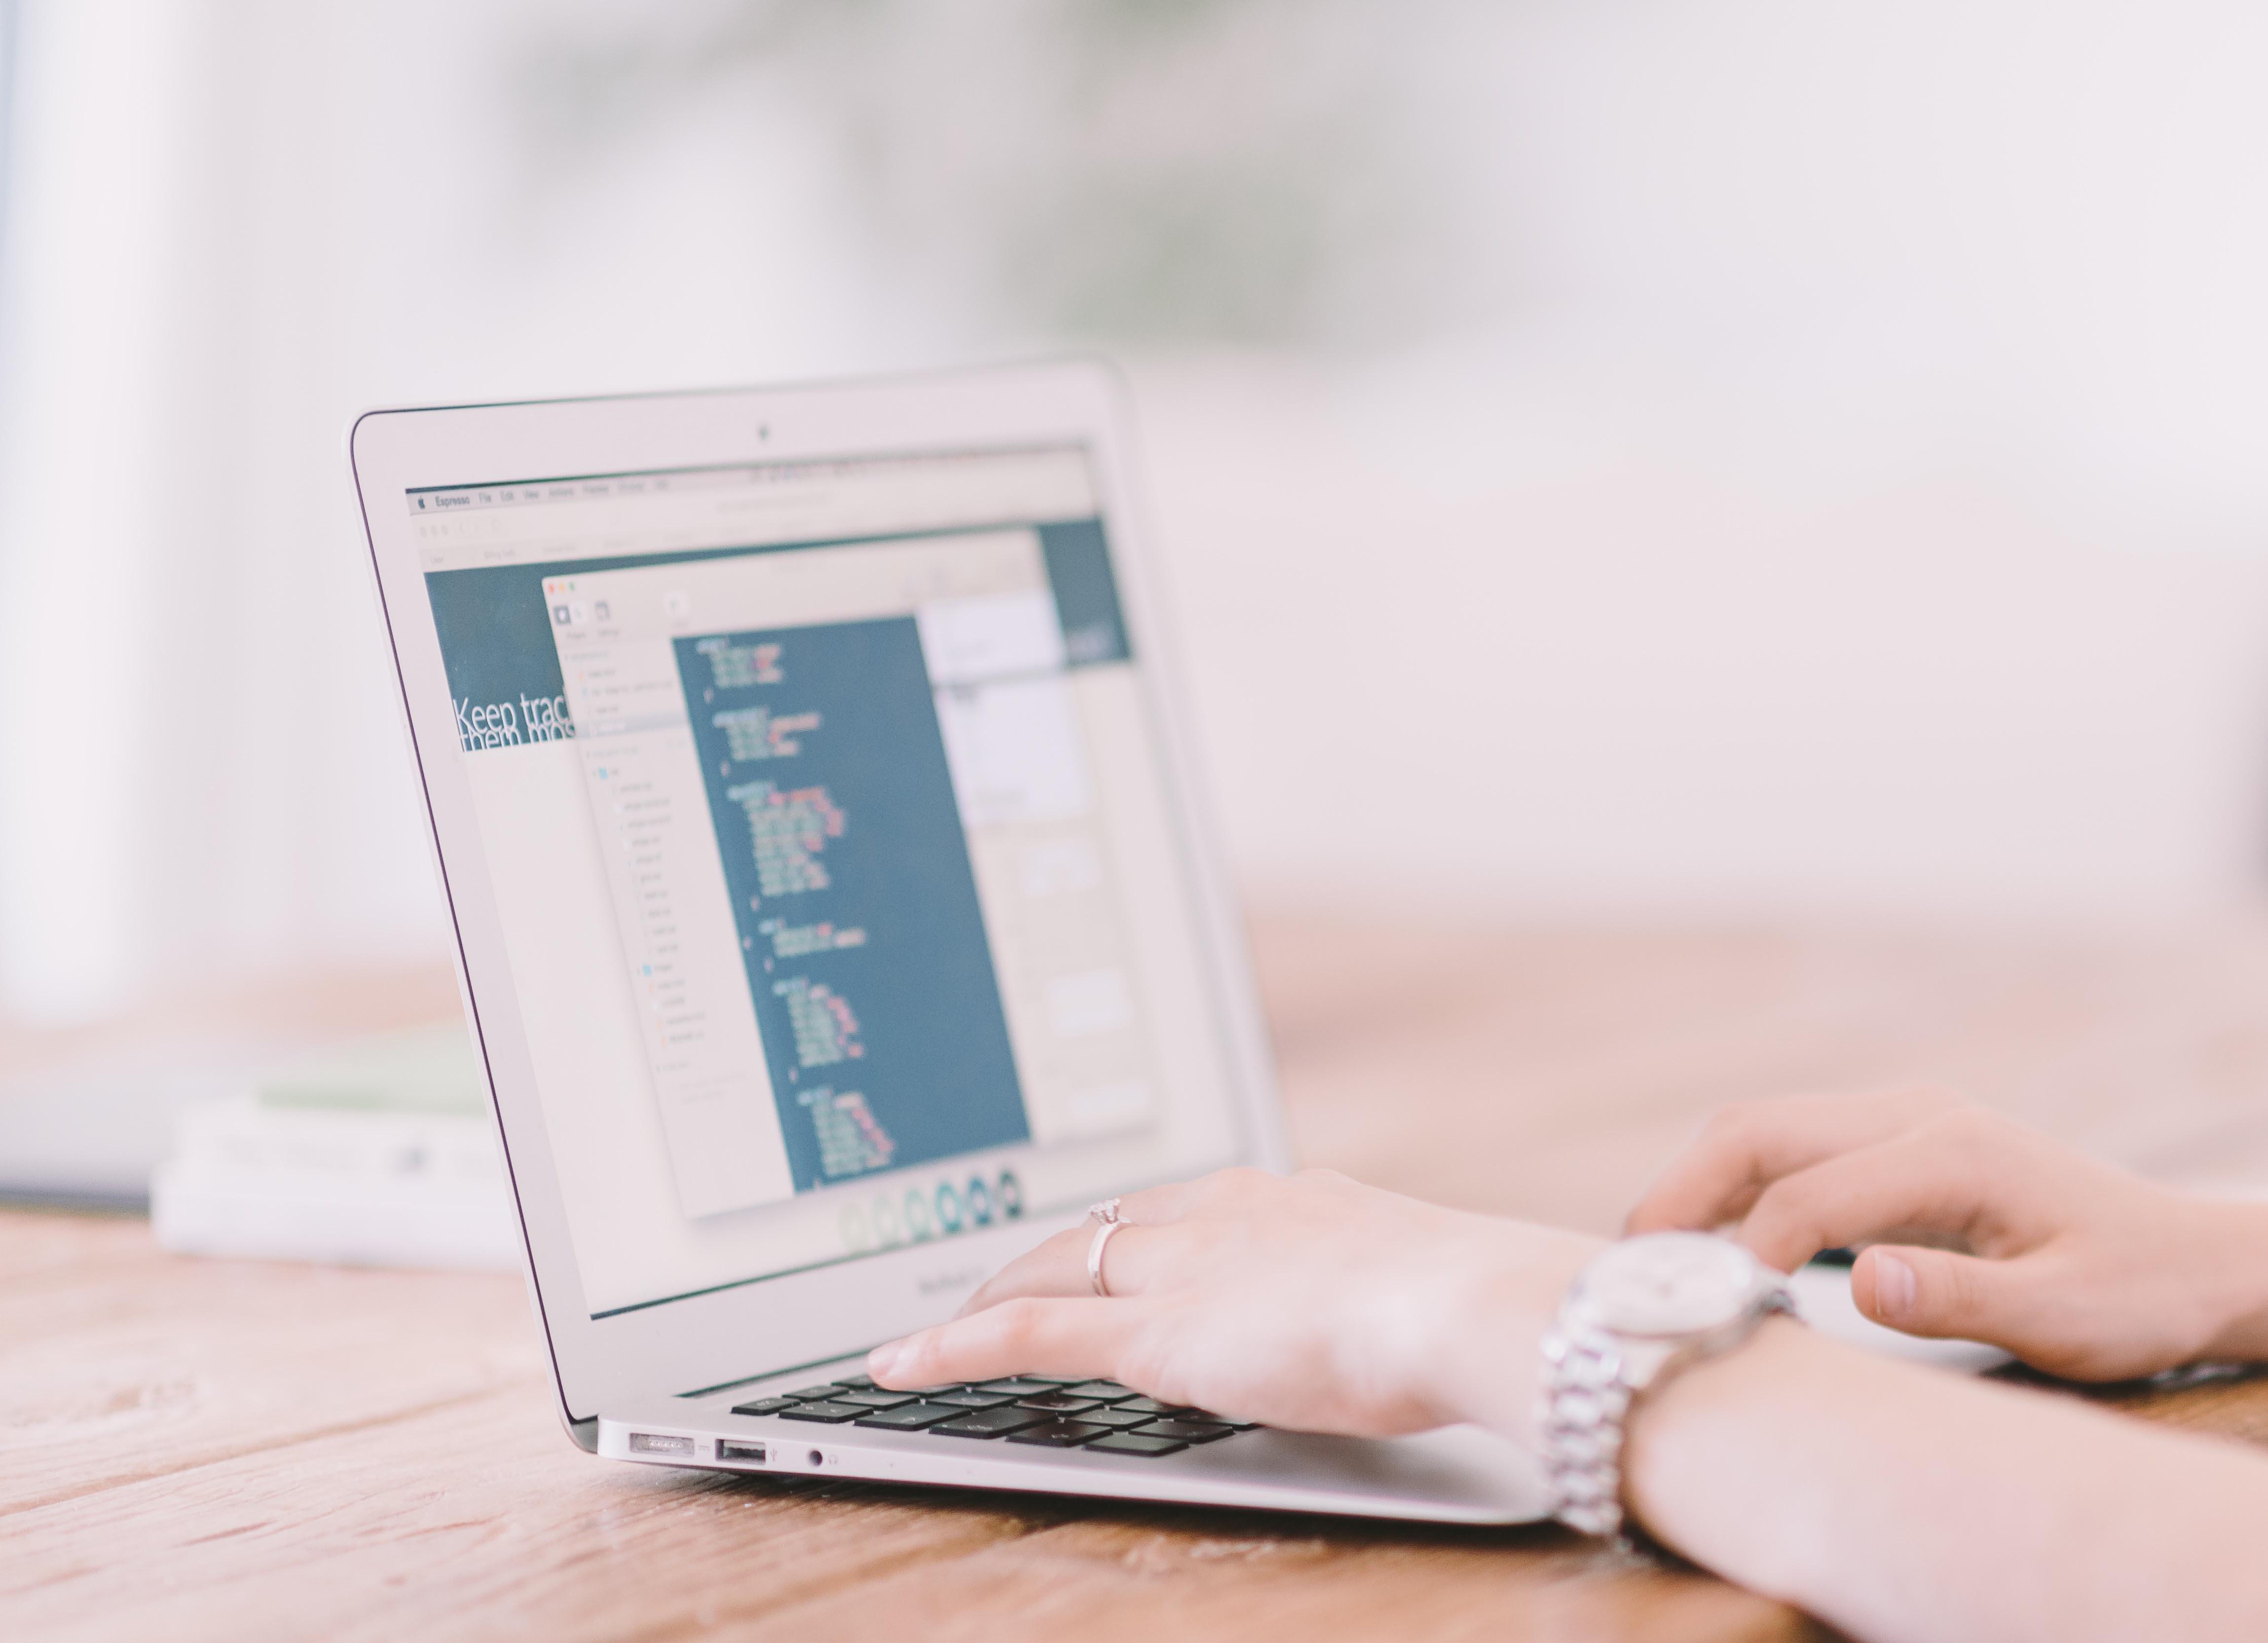 Afbeelding van de handen van een vrouw die achter een laptop code typt